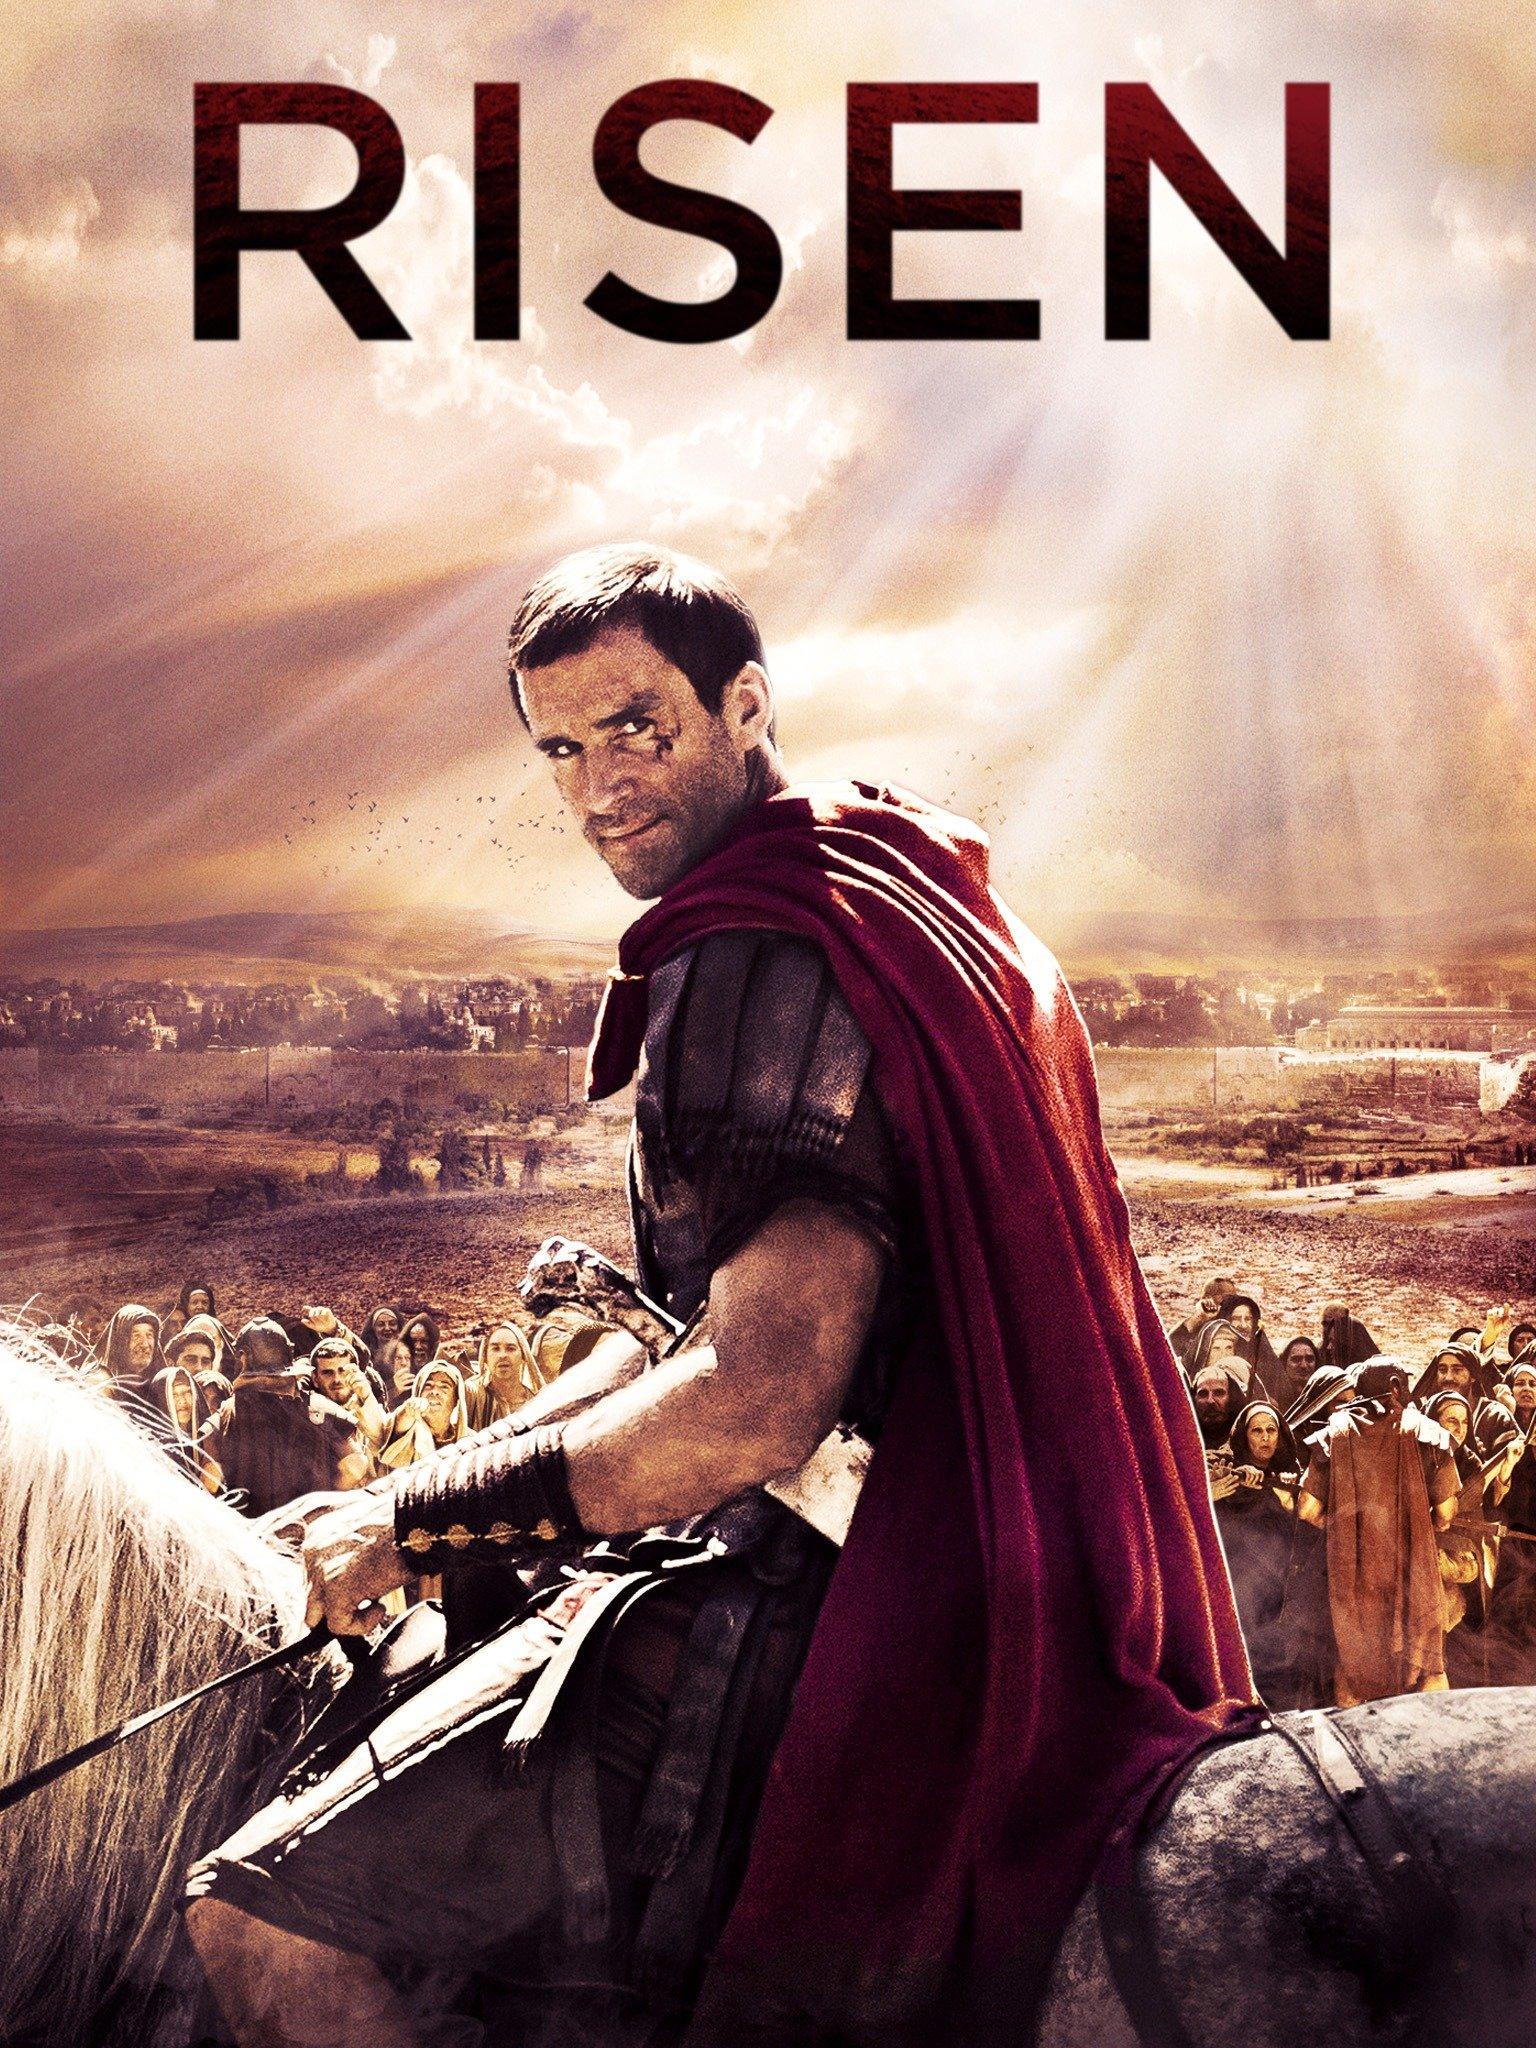 Risen(2016) poster image